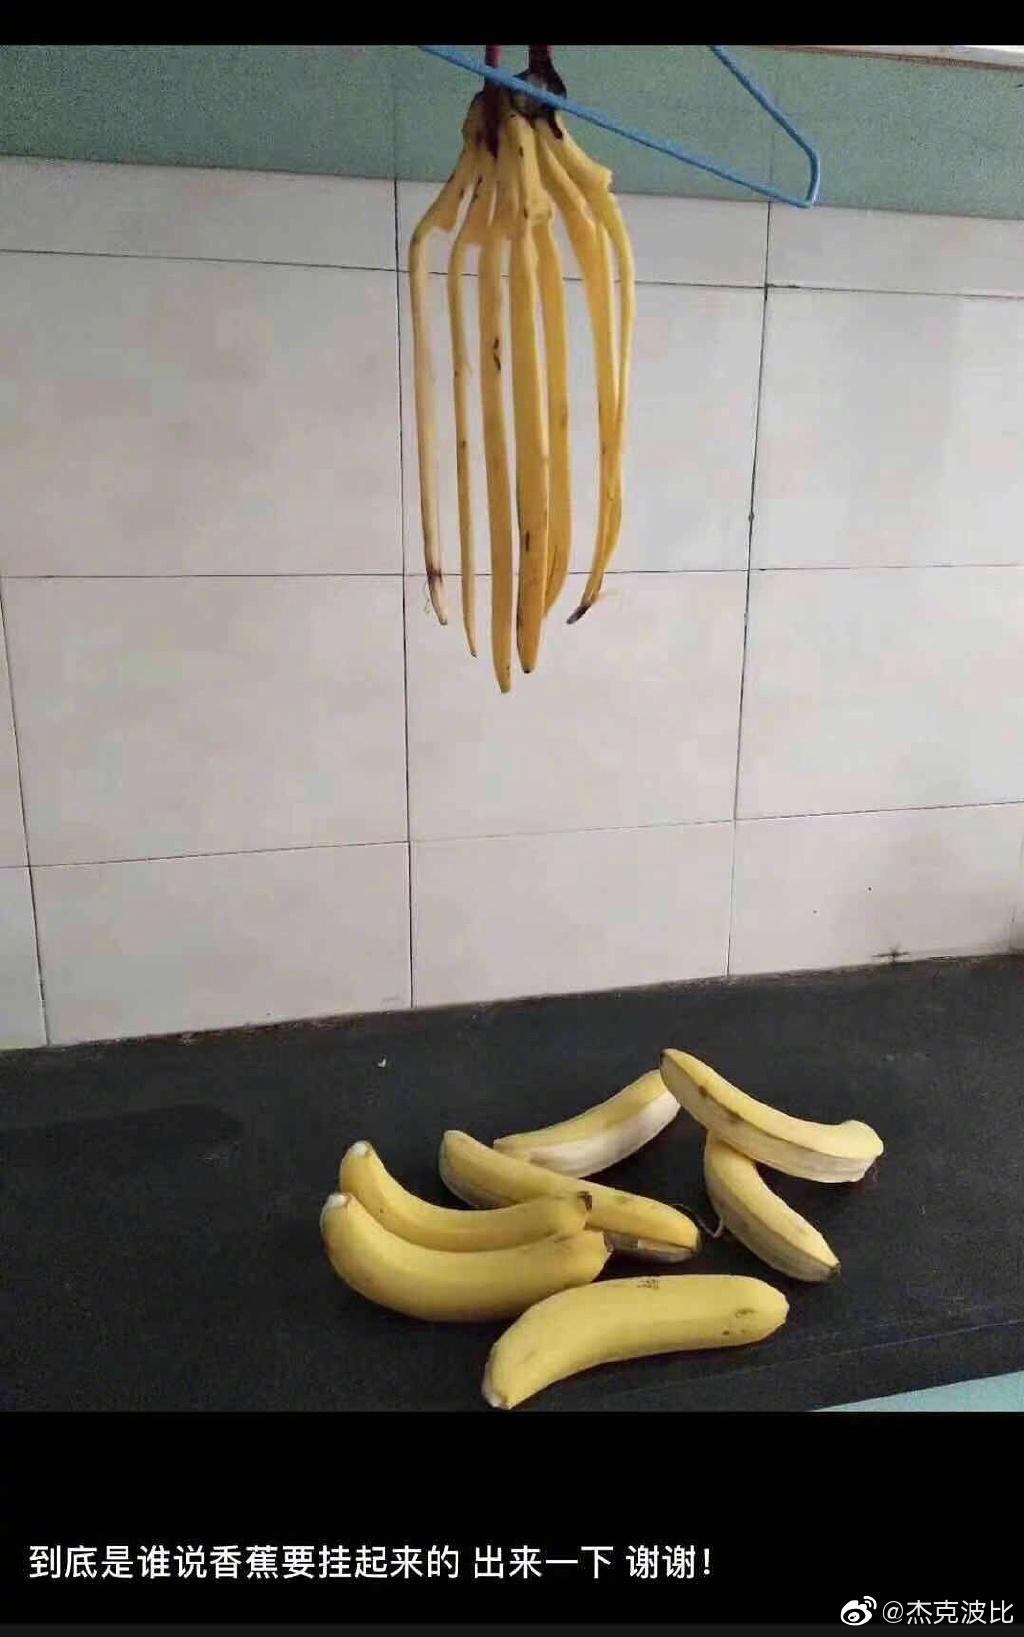 香蕉应不应该挂起来 涨姿势 第1张